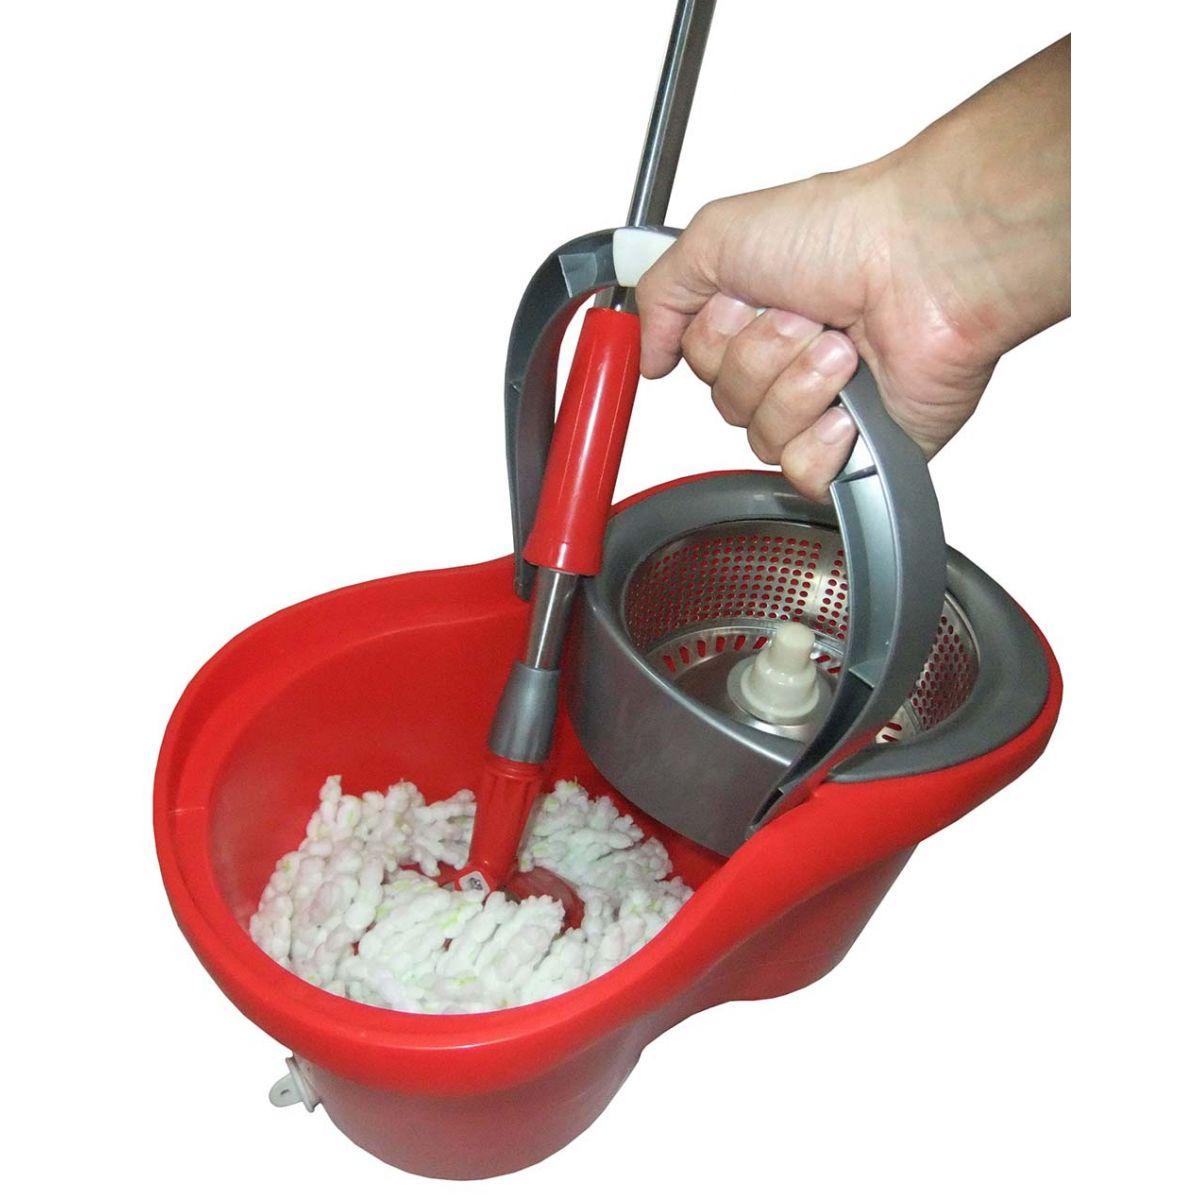 Balde Inox Casa Esfregao De Limpeza Mop Centrifuga Com Rodas Vermelho e Cinza (bsl-mop-3)